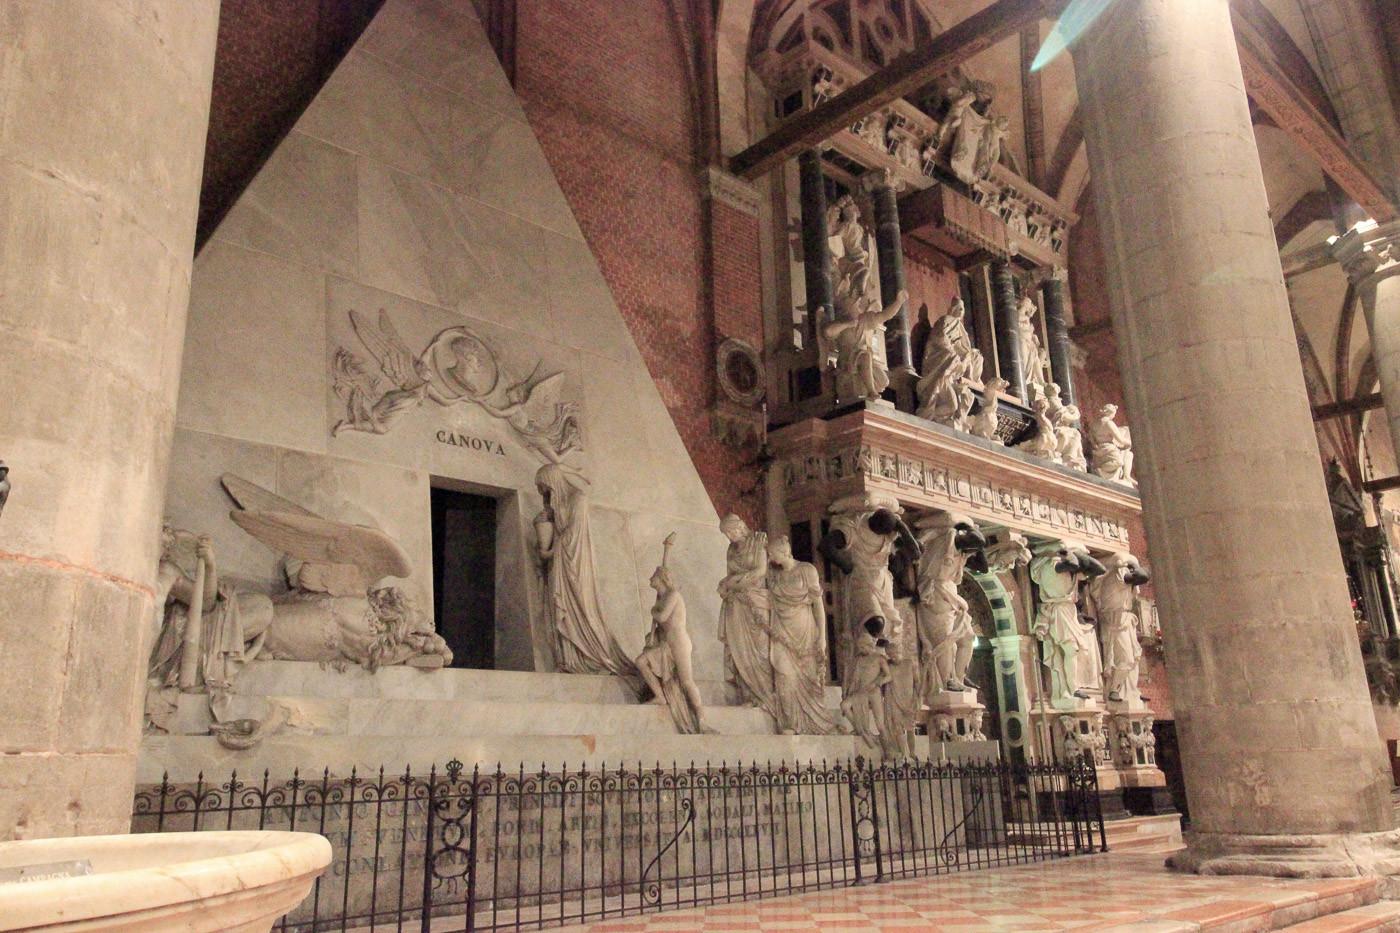 Monumento funerario de Cánova